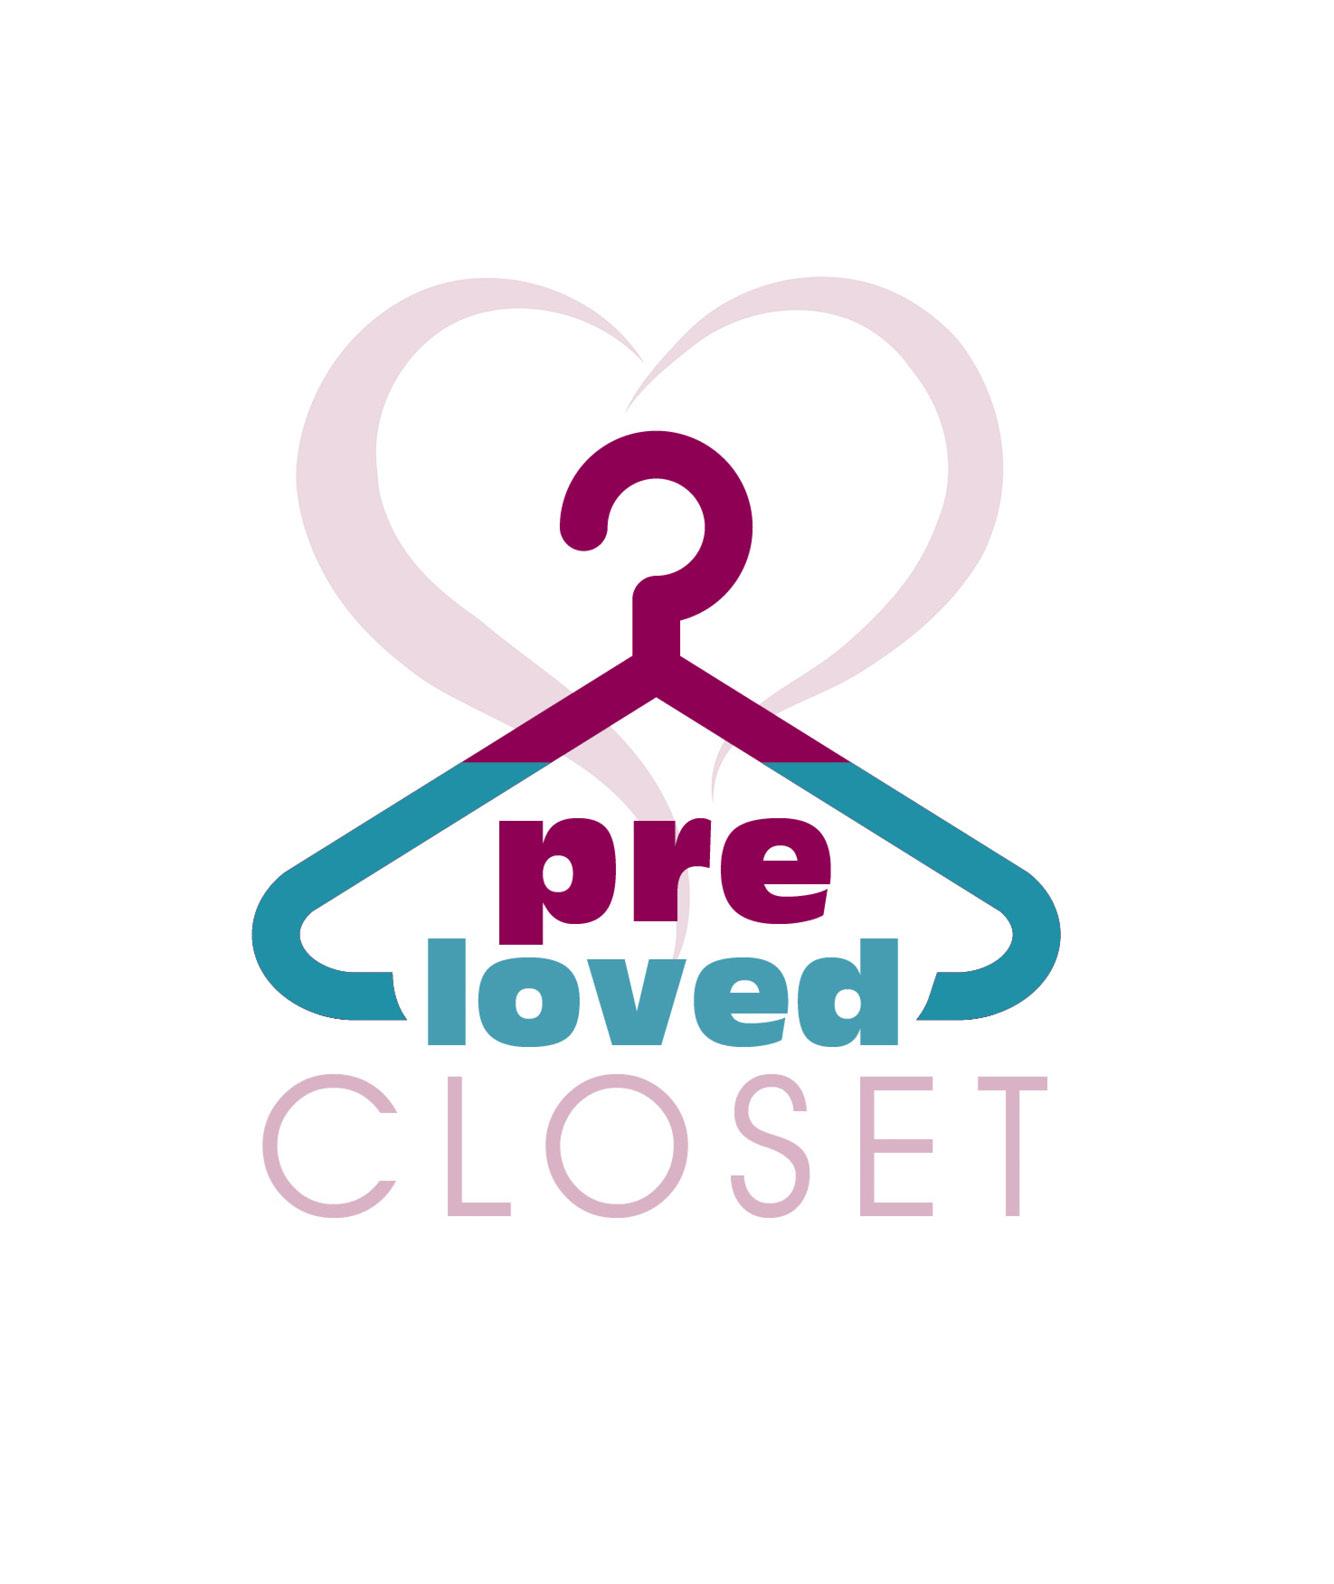 Pre loved Closet Logo Design